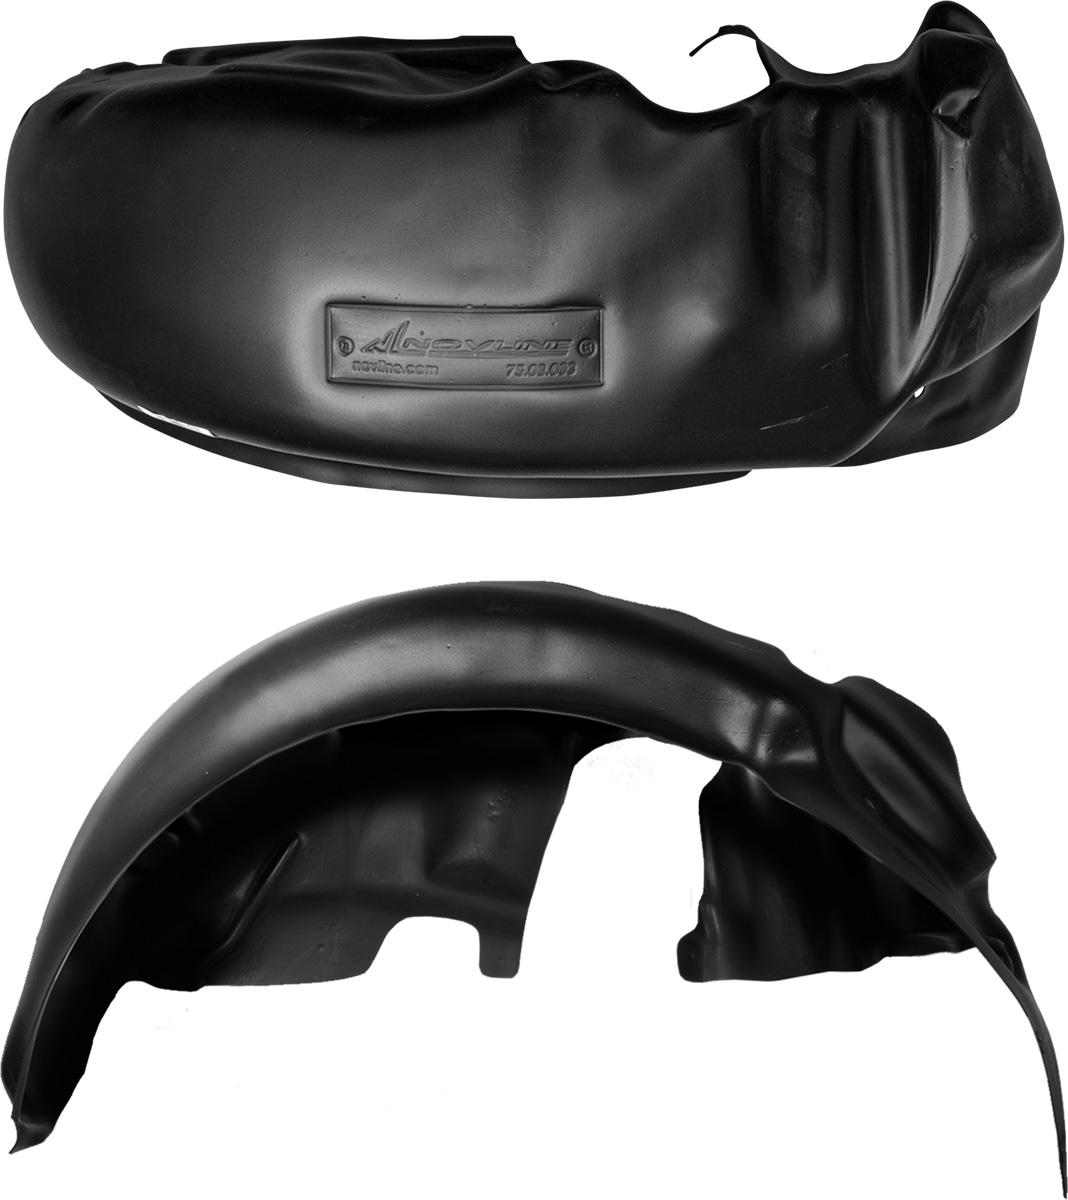 Подкрылок Novline-Autofamily, для Lada Largus, 2012 ->, передний левыйNLL.52.26.001Колесные ниши - одни из самых уязвимых зон днища вашего автомобиля. Они постоянно подвергаются воздействию со стороны дороги. Лучшая, почти абсолютная защита для них - специально отформованные пластиковые кожухи, которые называются подкрылками. Производятся они как для отечественных моделей автомобилей, так и для иномарок. Подкрылки Novline-Autofamily выполнены из высококачественного, экологически чистого пластика. Обеспечивают надежную защиту кузова автомобиля от пескоструйного эффекта и негативного влияния, агрессивных антигололедных реагентов. Пластик обладает более низкой теплопроводностью, чем металл, поэтому в зимний период эксплуатации использование пластиковых подкрылков позволяет лучше защитить колесные ниши от налипания снега и образования наледи. Оригинальность конструкции подчеркивает элегантность автомобиля, бережно защищает нанесенное на днище кузова антикоррозийное покрытие и позволяет осуществить крепление подкрылков внутри колесной арки практически без дополнительного крепежа и сверления, не нарушая при этом лакокрасочного покрытия, что предотвращает возникновение новых очагов коррозии. Подкрылки долговечны, обладают высокой прочностью и сохраняют заданную форму, а также все свои физико-механические характеристики в самых тяжелых климатических условиях (от -50°С до +50°С).Уважаемые клиенты!Обращаем ваше внимание, на тот факт, что подкрылок имеет форму, соответствующую модели данного автомобиля. Фото служит для визуального восприятия товара.